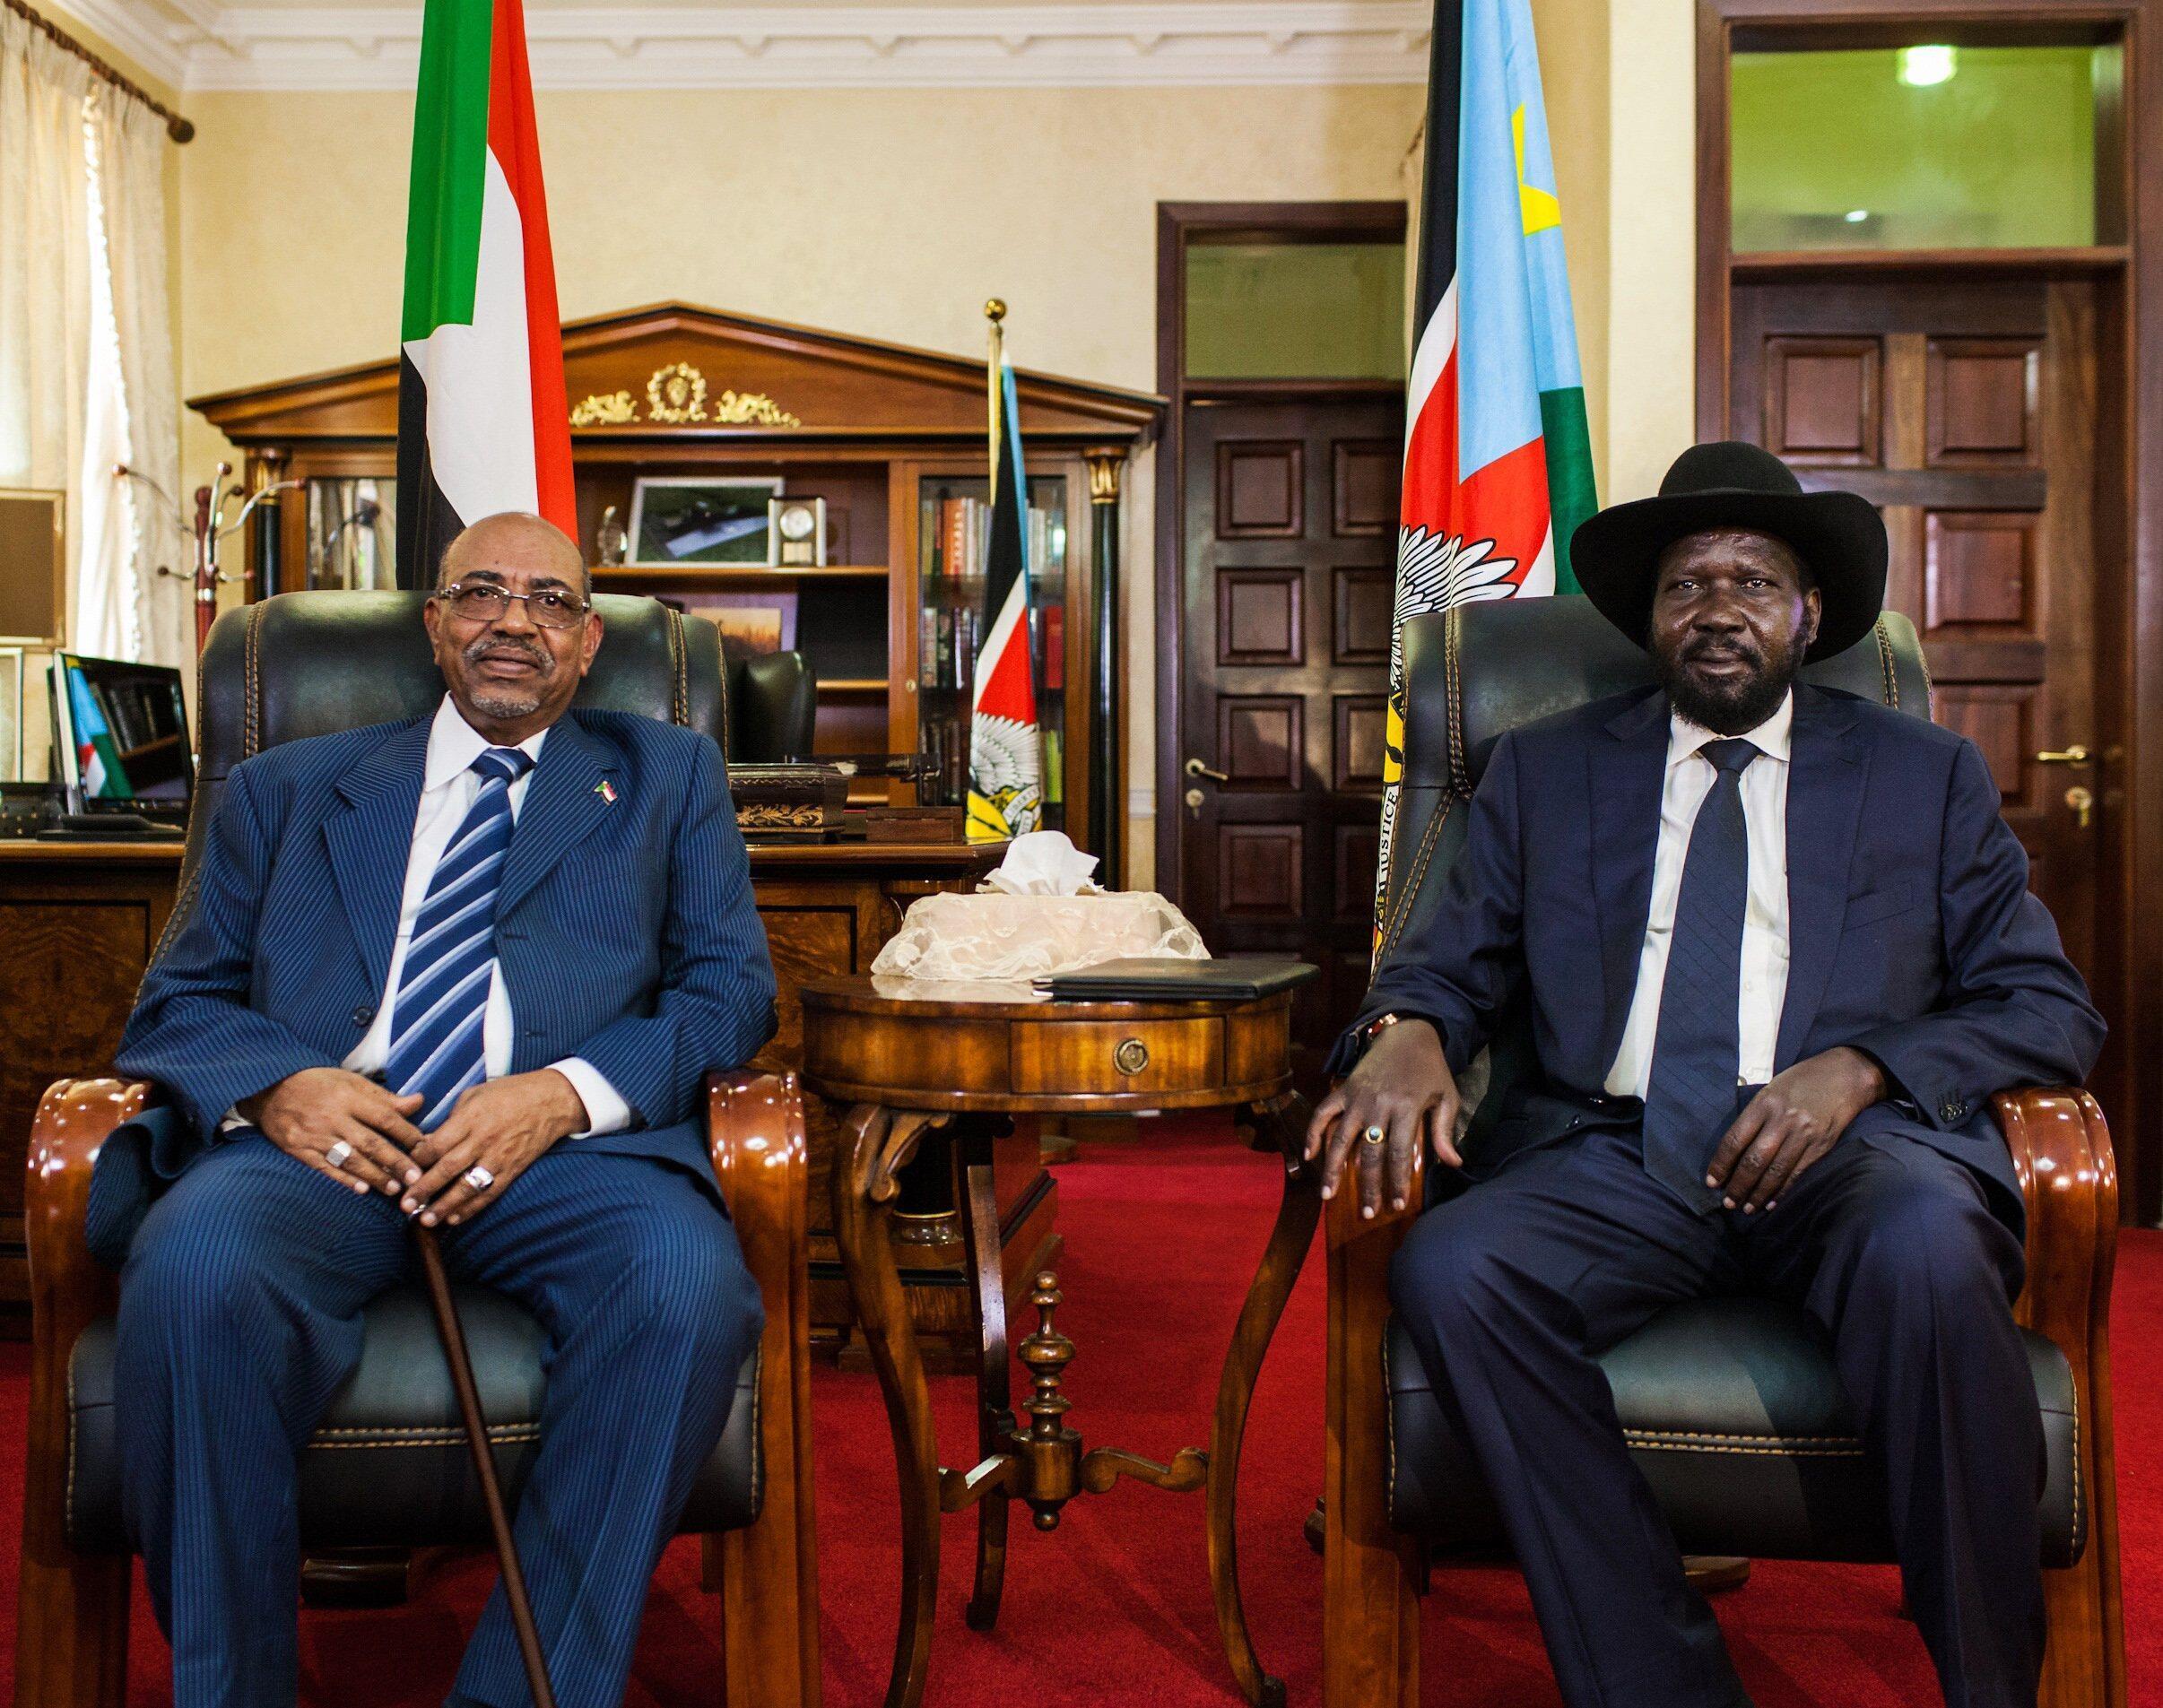 Shugaban Sudan Omar al-Bashir ta takwaransa na Kudu Salva Kiir a fadar shugaban kasa a Juba.